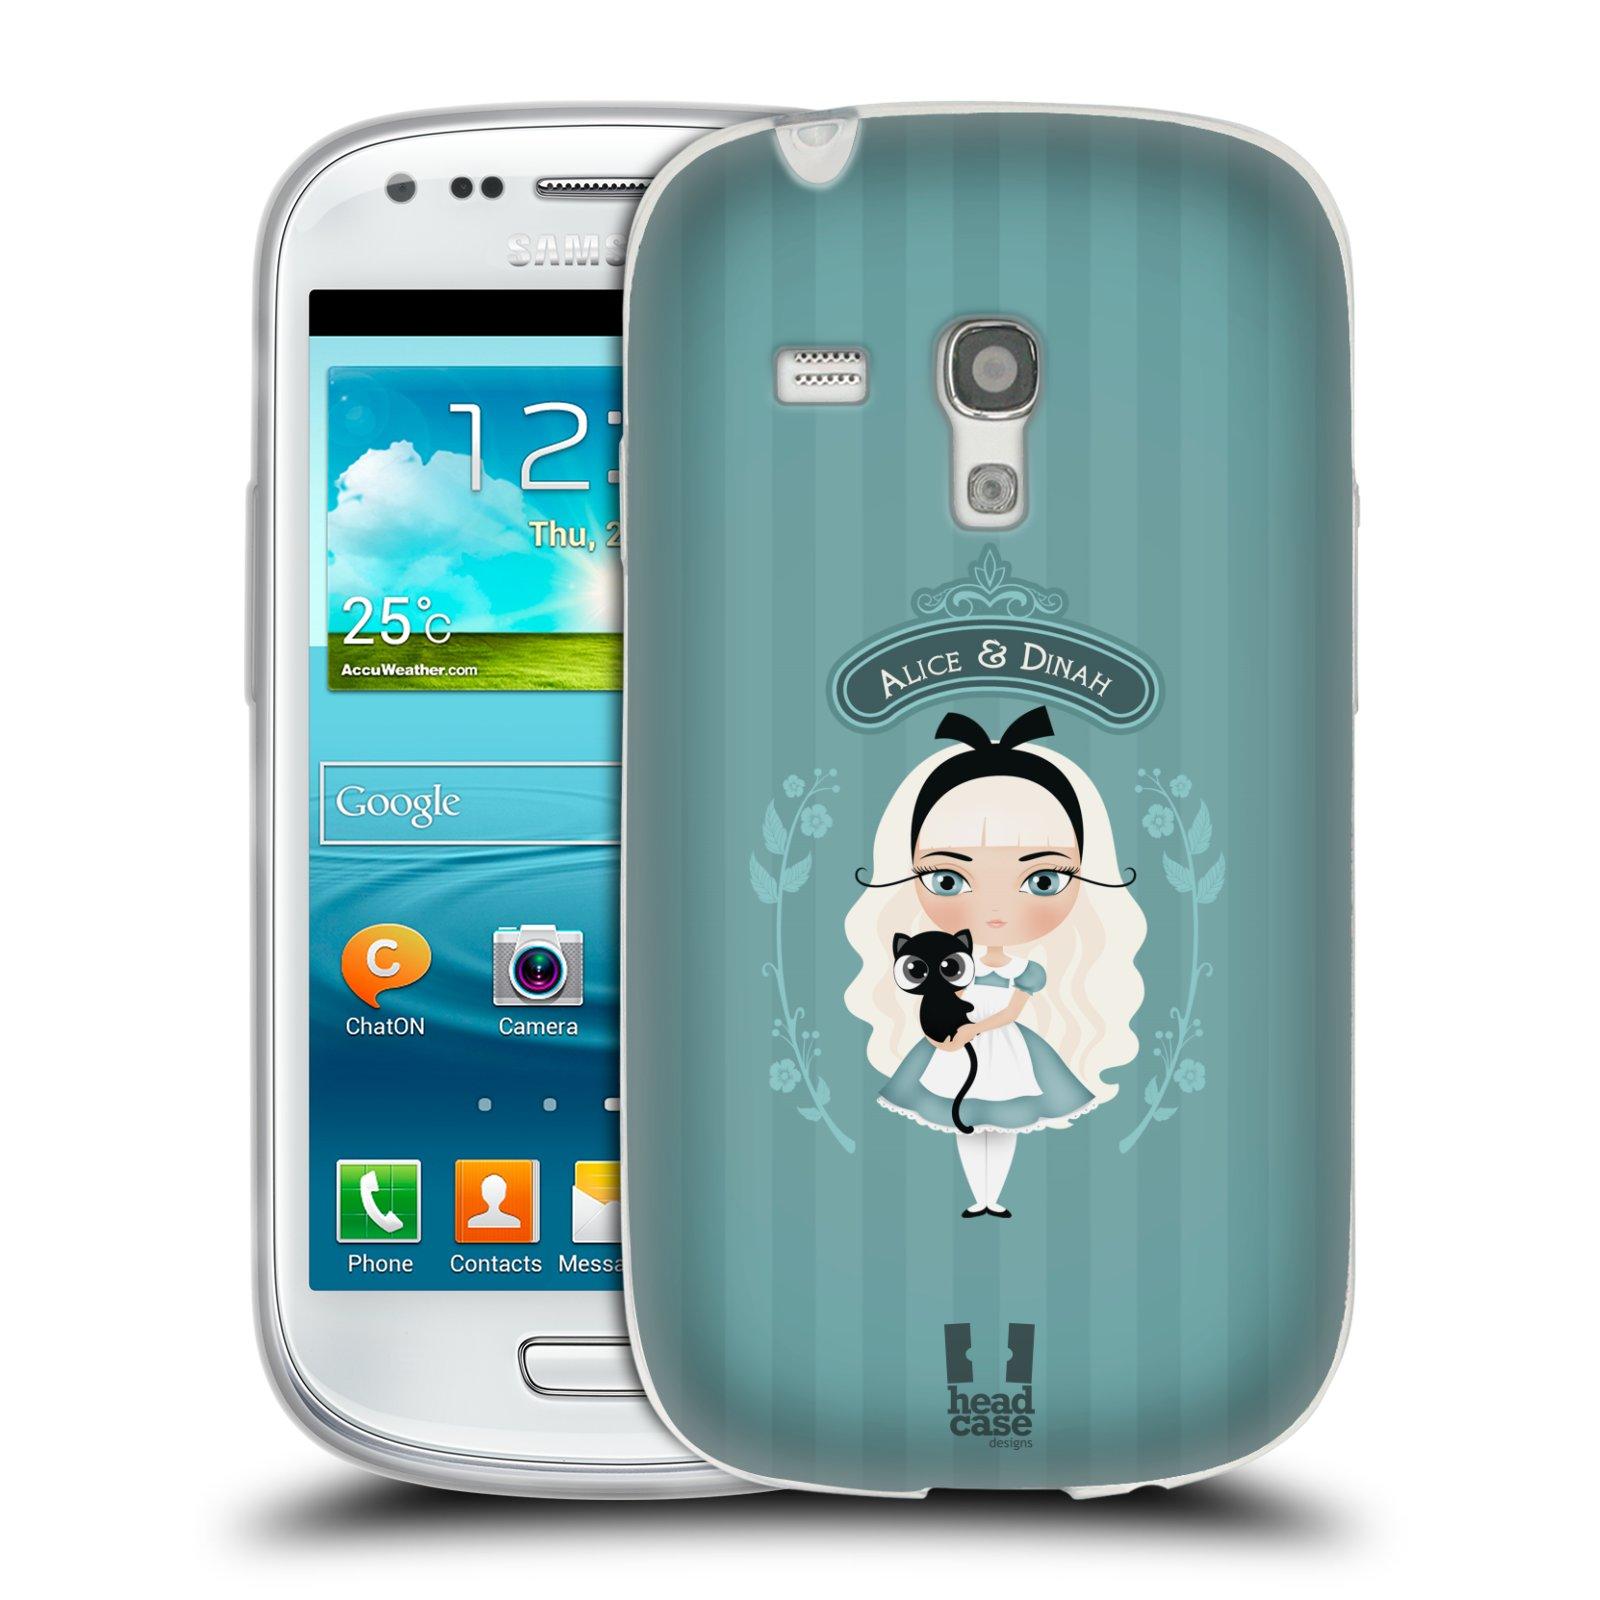 HEAD CASE silikonový obal na mobil Samsung Galaxy S3 MINI i8190 vzor Alenka v říši divů Alenka